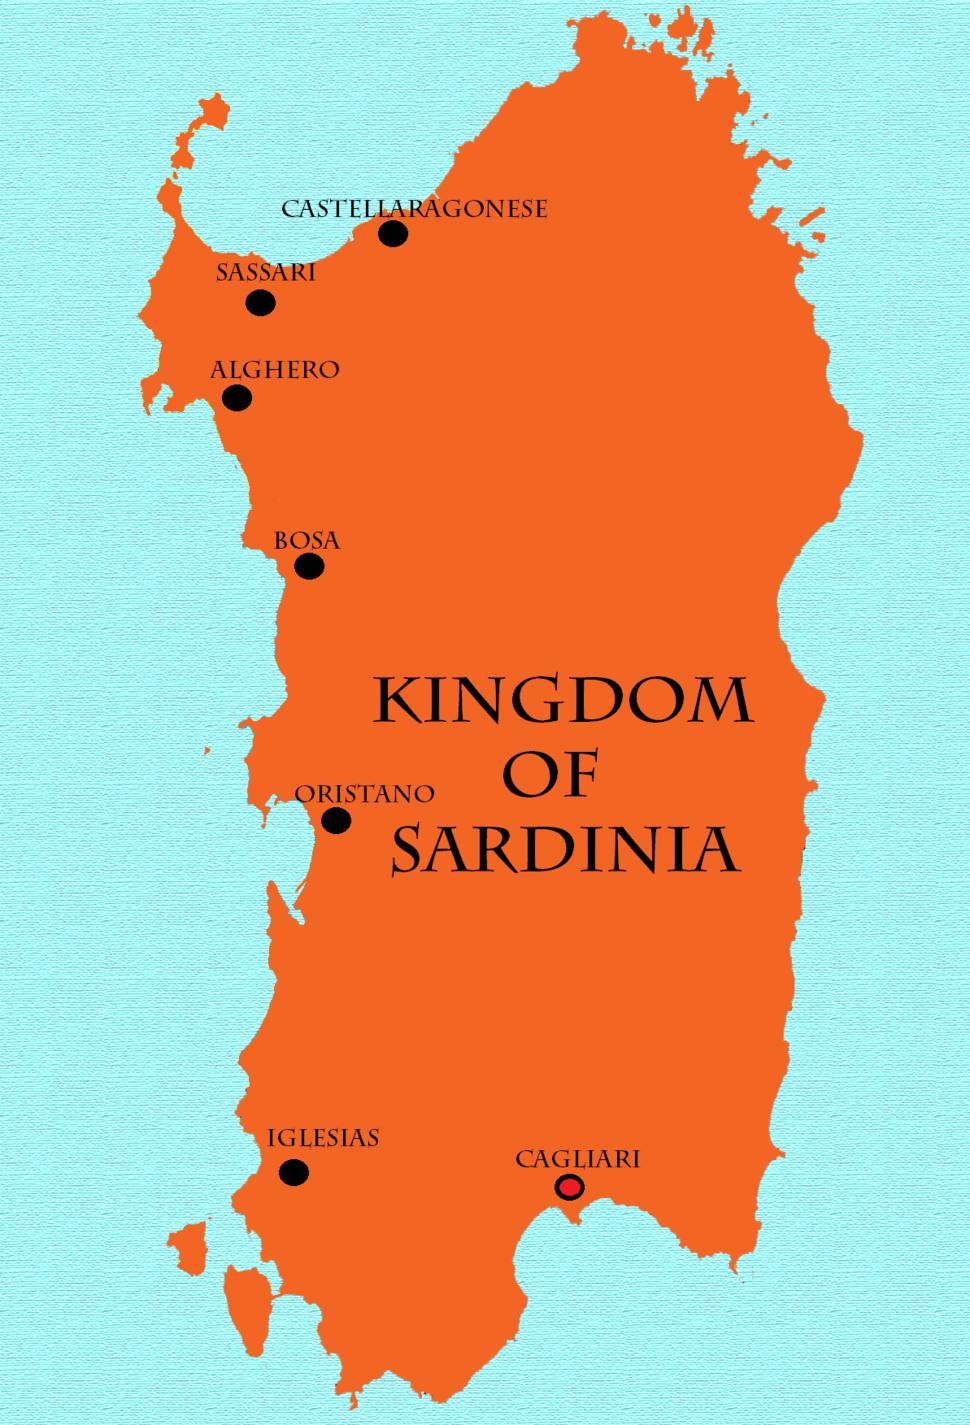 Kingdom of Sardinia & Royal cities - 16th century